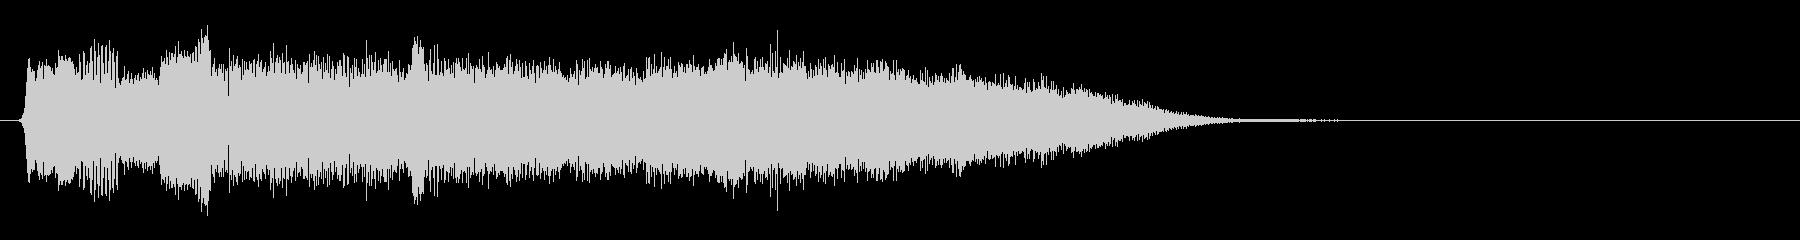 ファンタジー感溢れるジングル3の未再生の波形